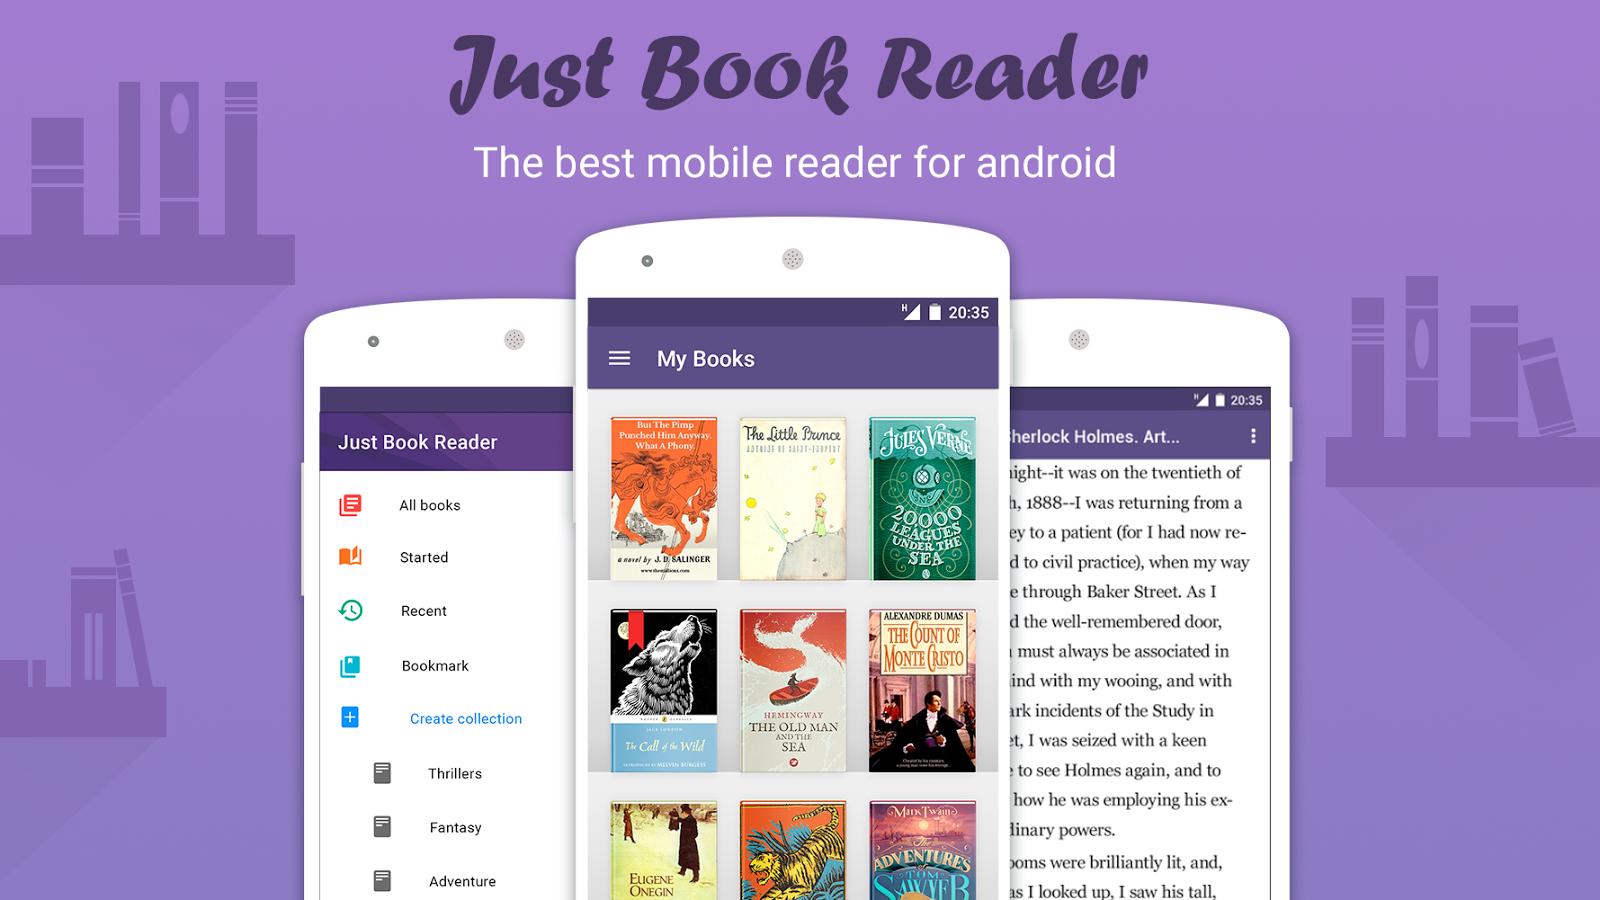 Just Book Reader (ebook) Screenshot